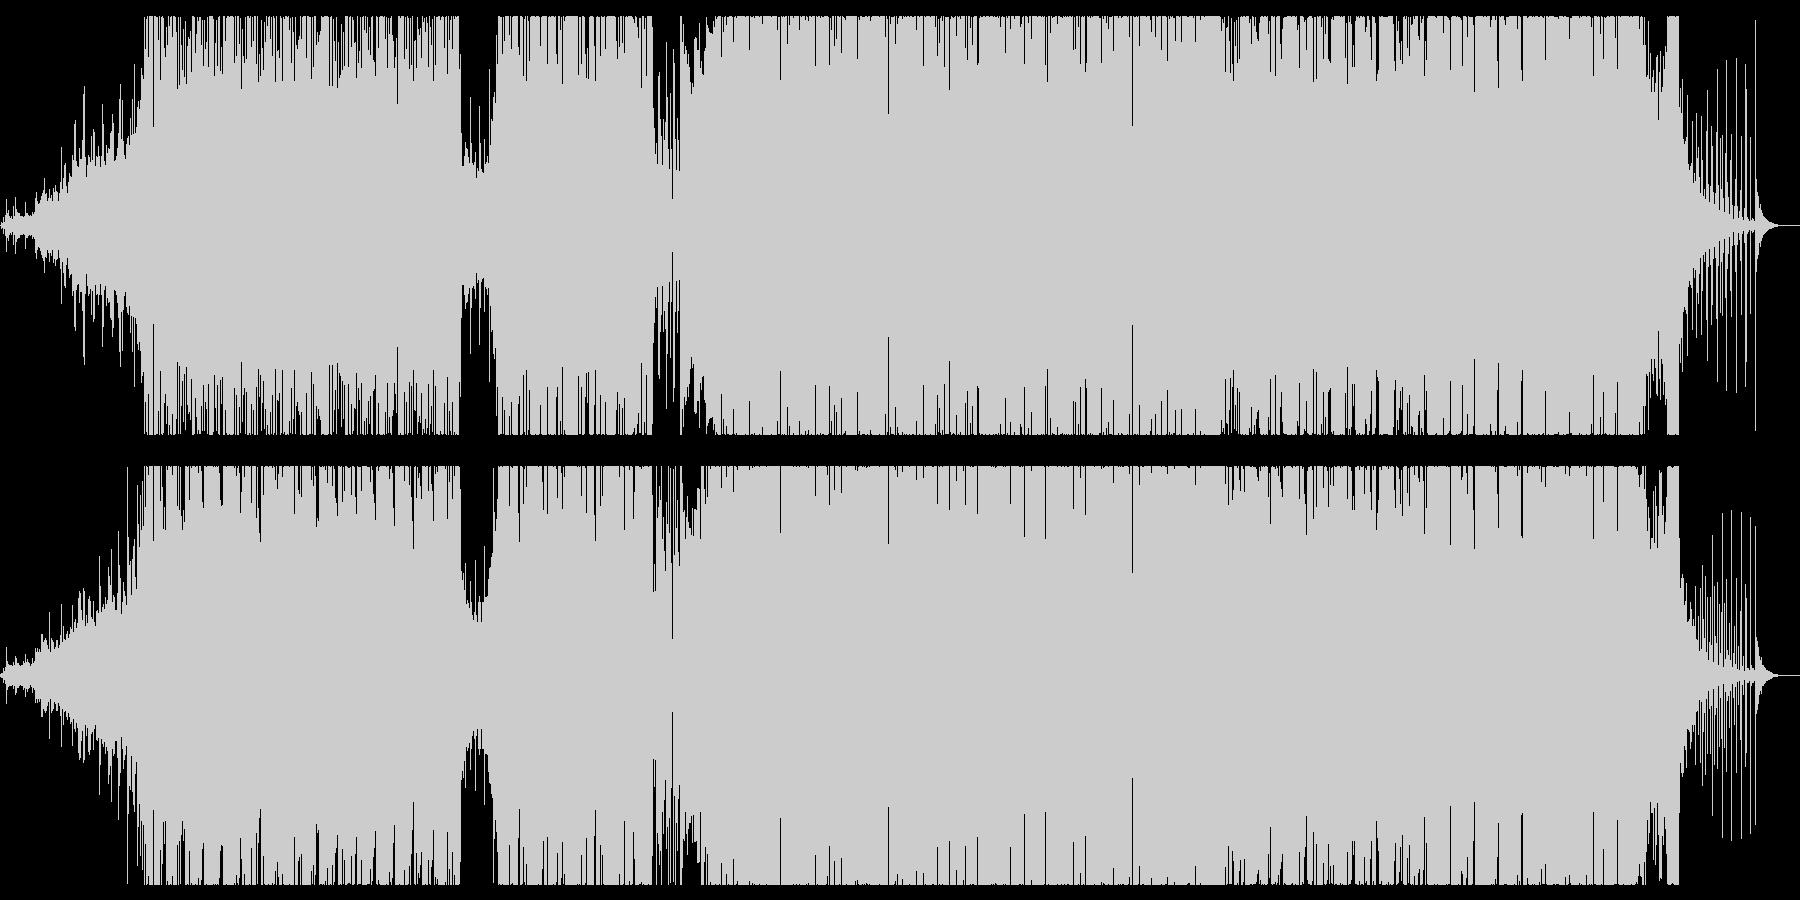 ピアノを軸にした展開多めのエレクトロニカの未再生の波形